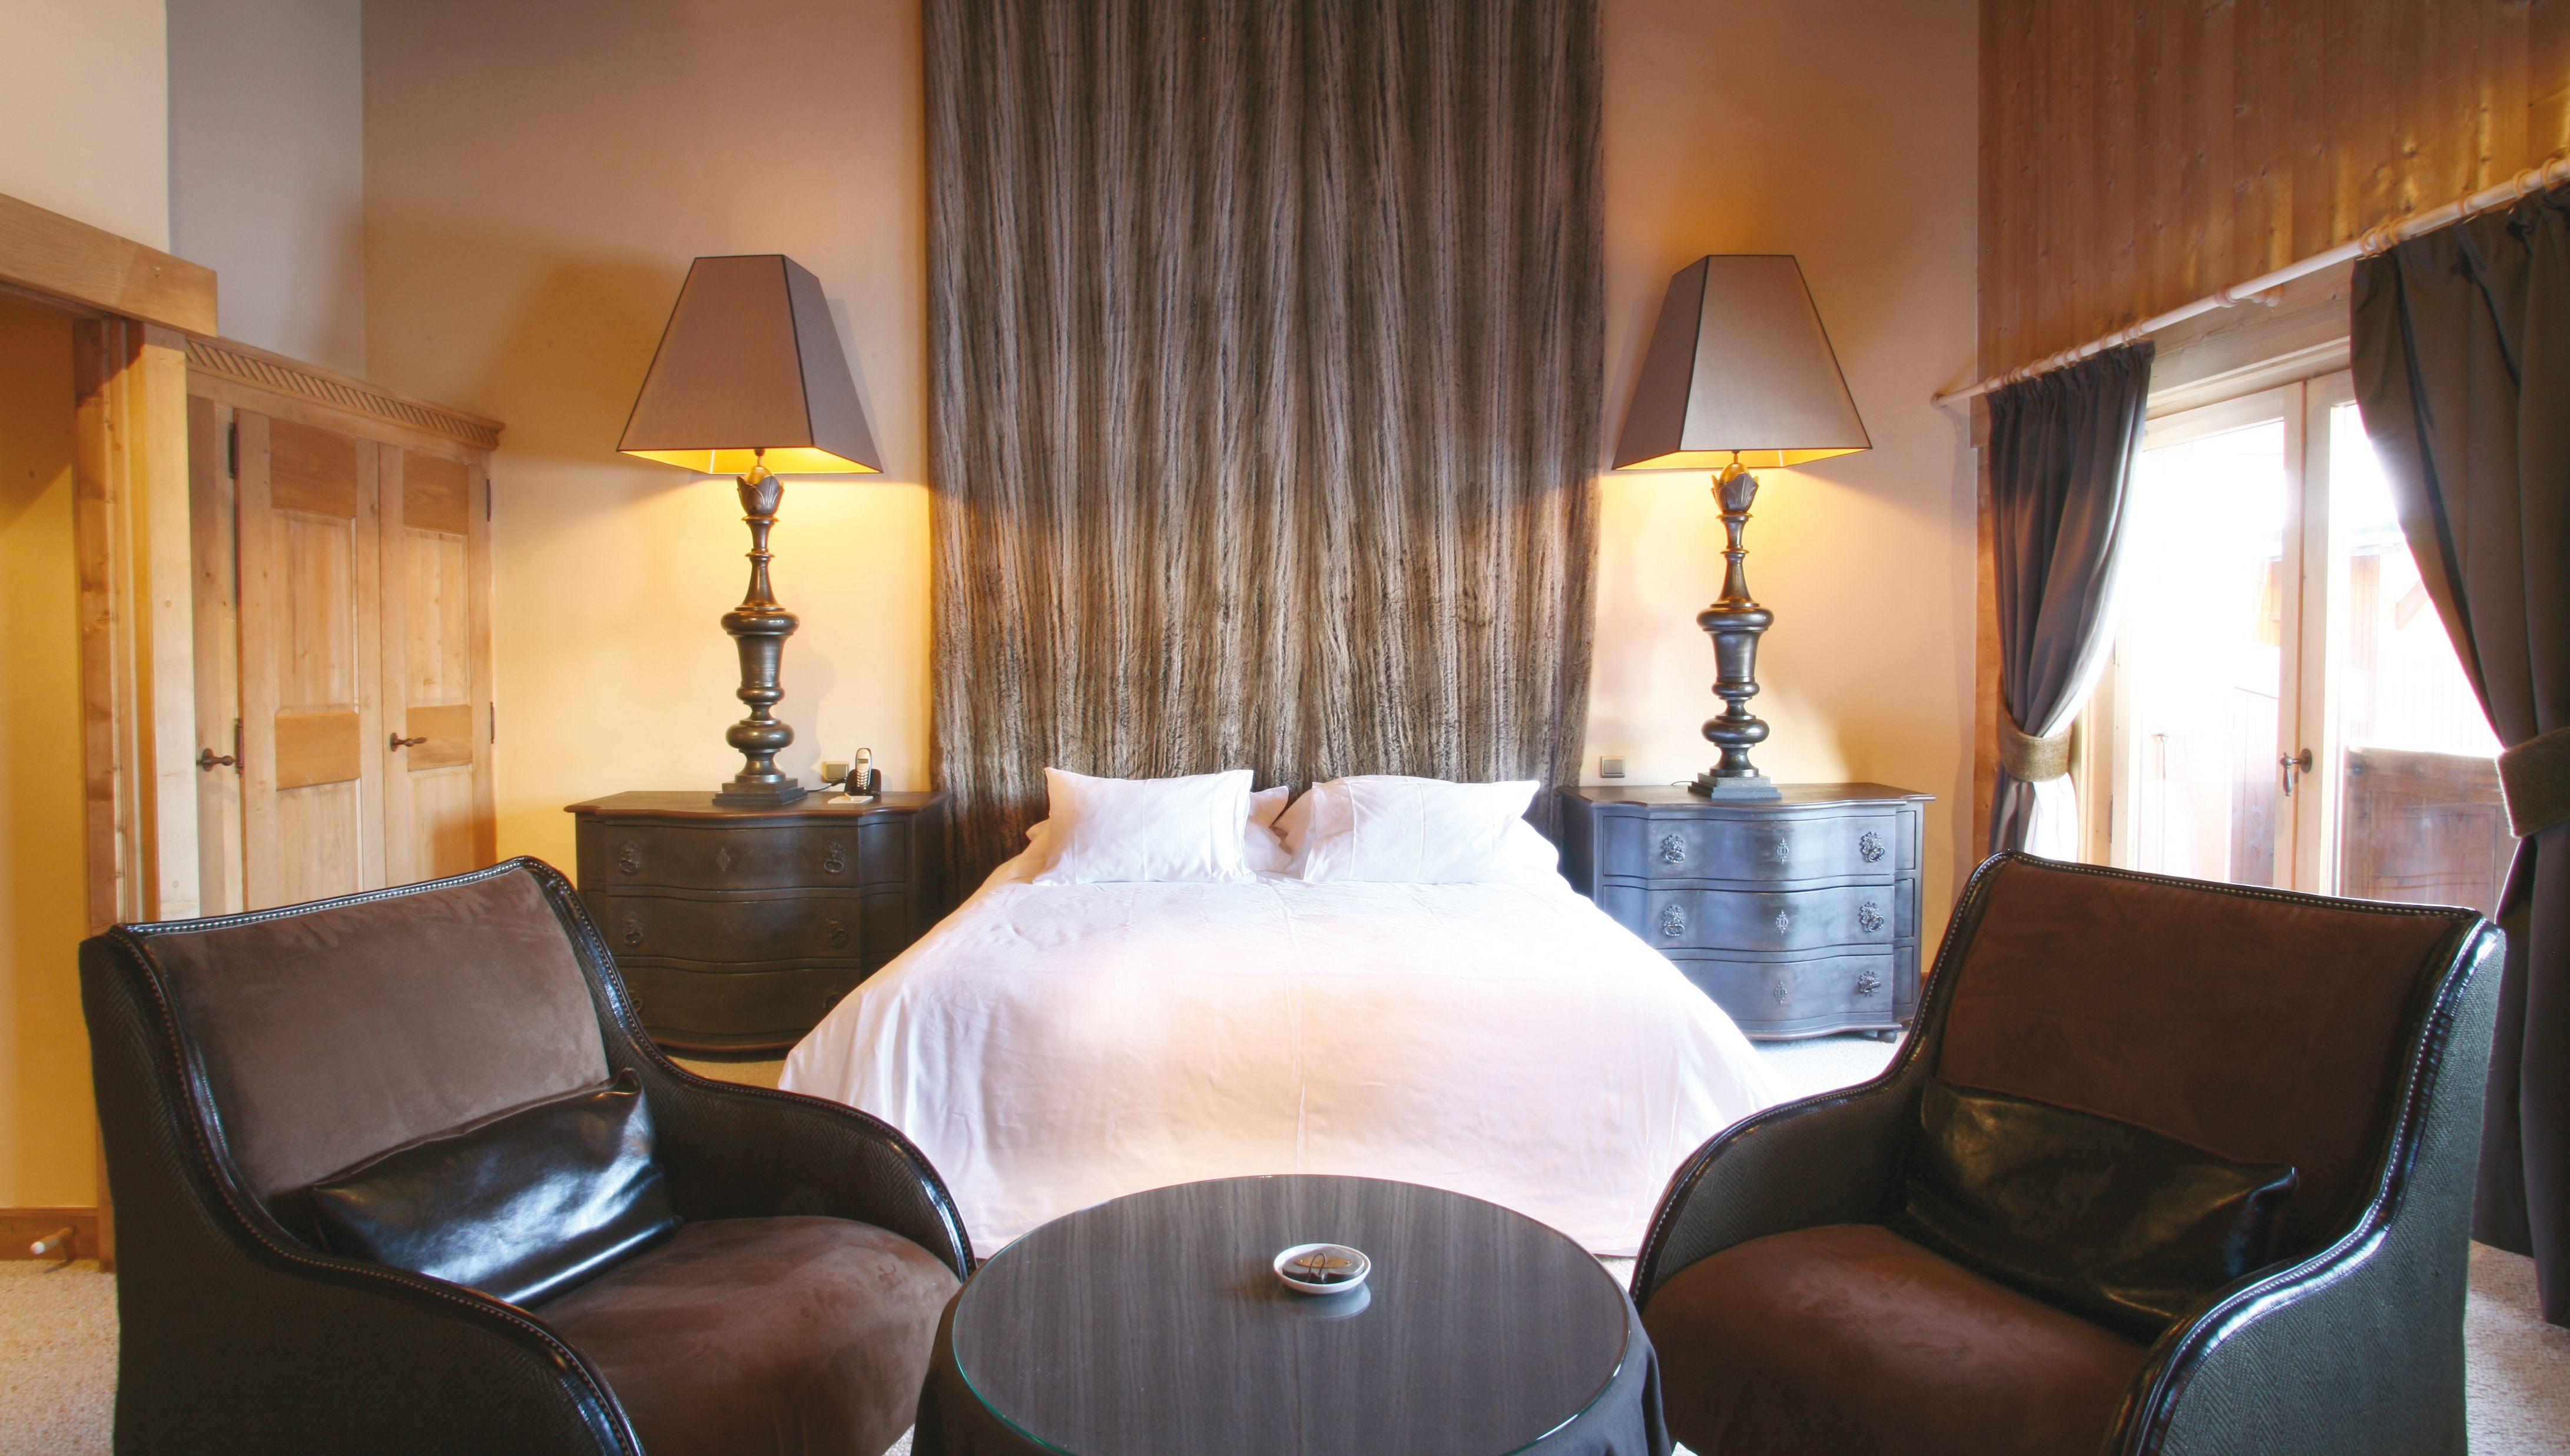 Hotel fer a cheval recrute r ceptionniste d tails de l 39 offre d 39 emploi ou de stage en - Offre d emploi chambre des metiers ...